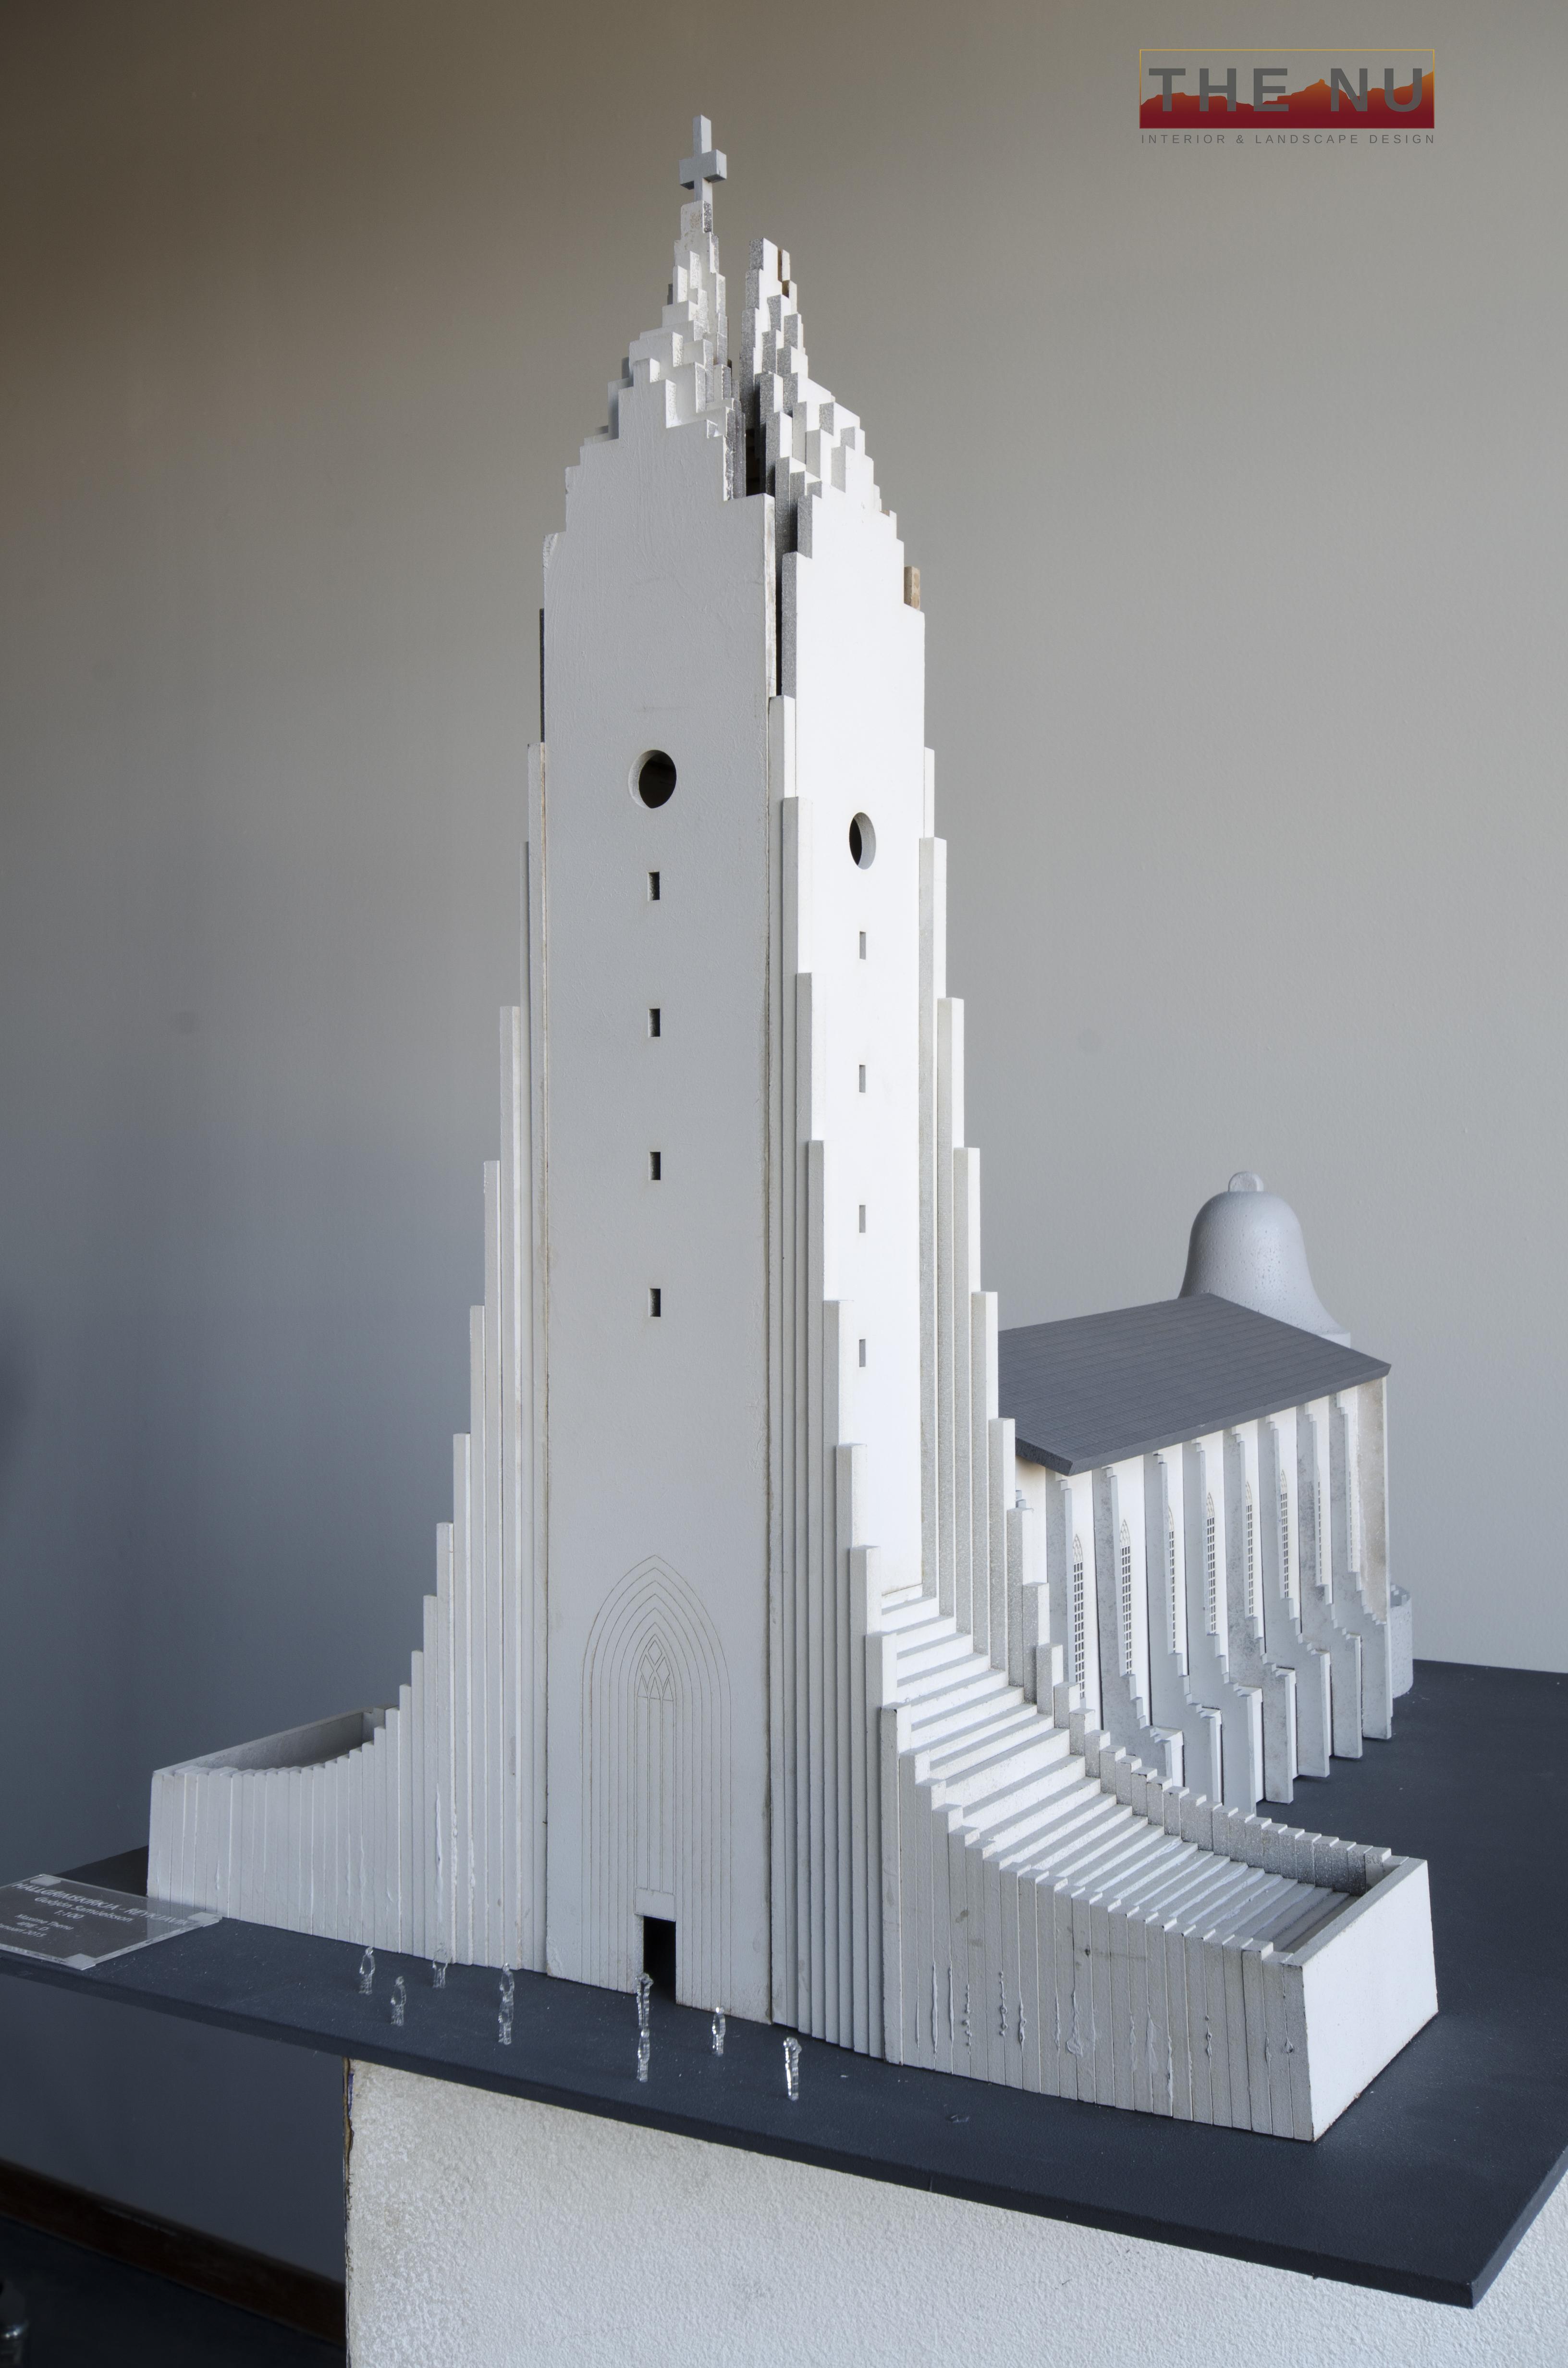 Een zelf gekozen gebouw dat ergens op de wereld te vinden was. De maquette is gemaakt van MDF en afgewerkt met verlichting voor een extra sfeereffect.